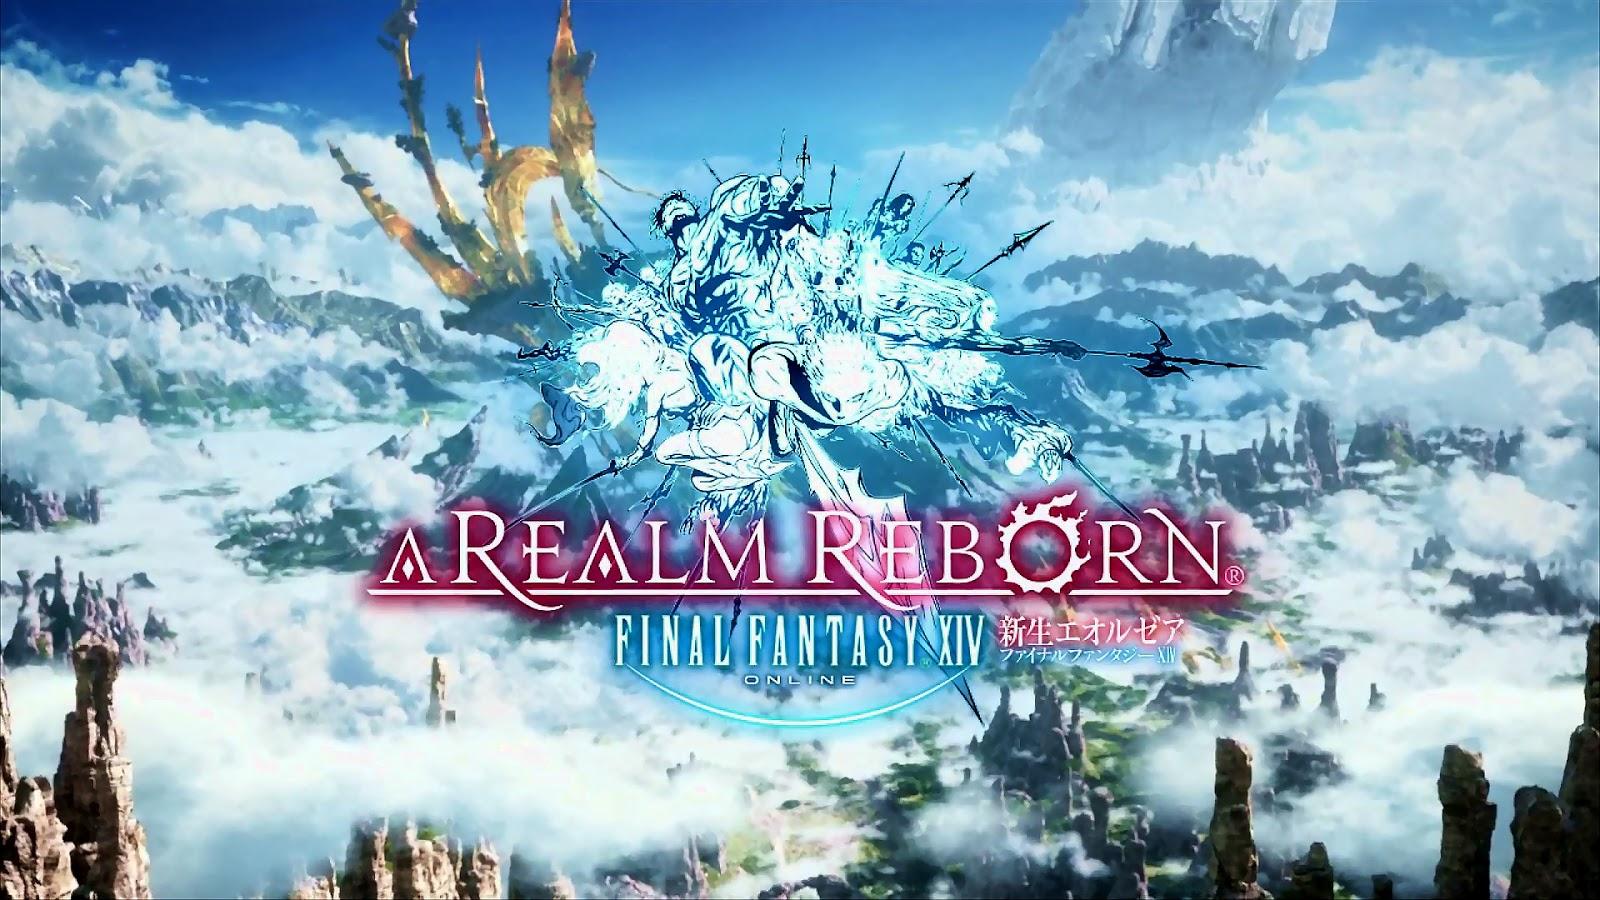 Final Fantasy XIV Preview | My View Screen